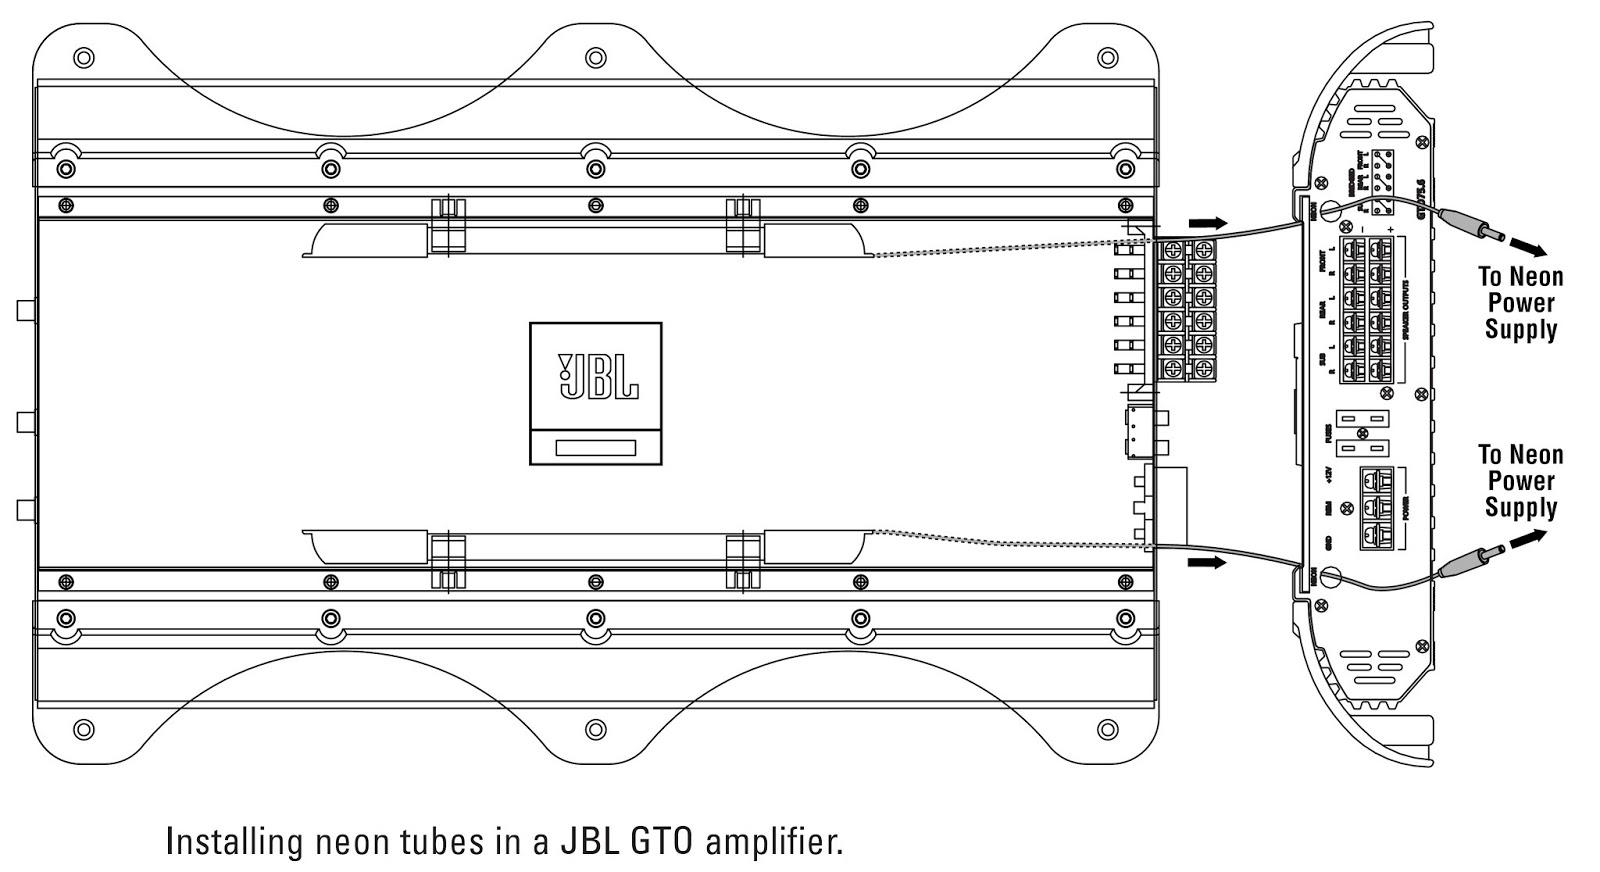 neon gto wiring diagram jbl gto301.1 - gto601.1 - gto1201.1 - installation ... 1968 pontiac gto wiring diagram